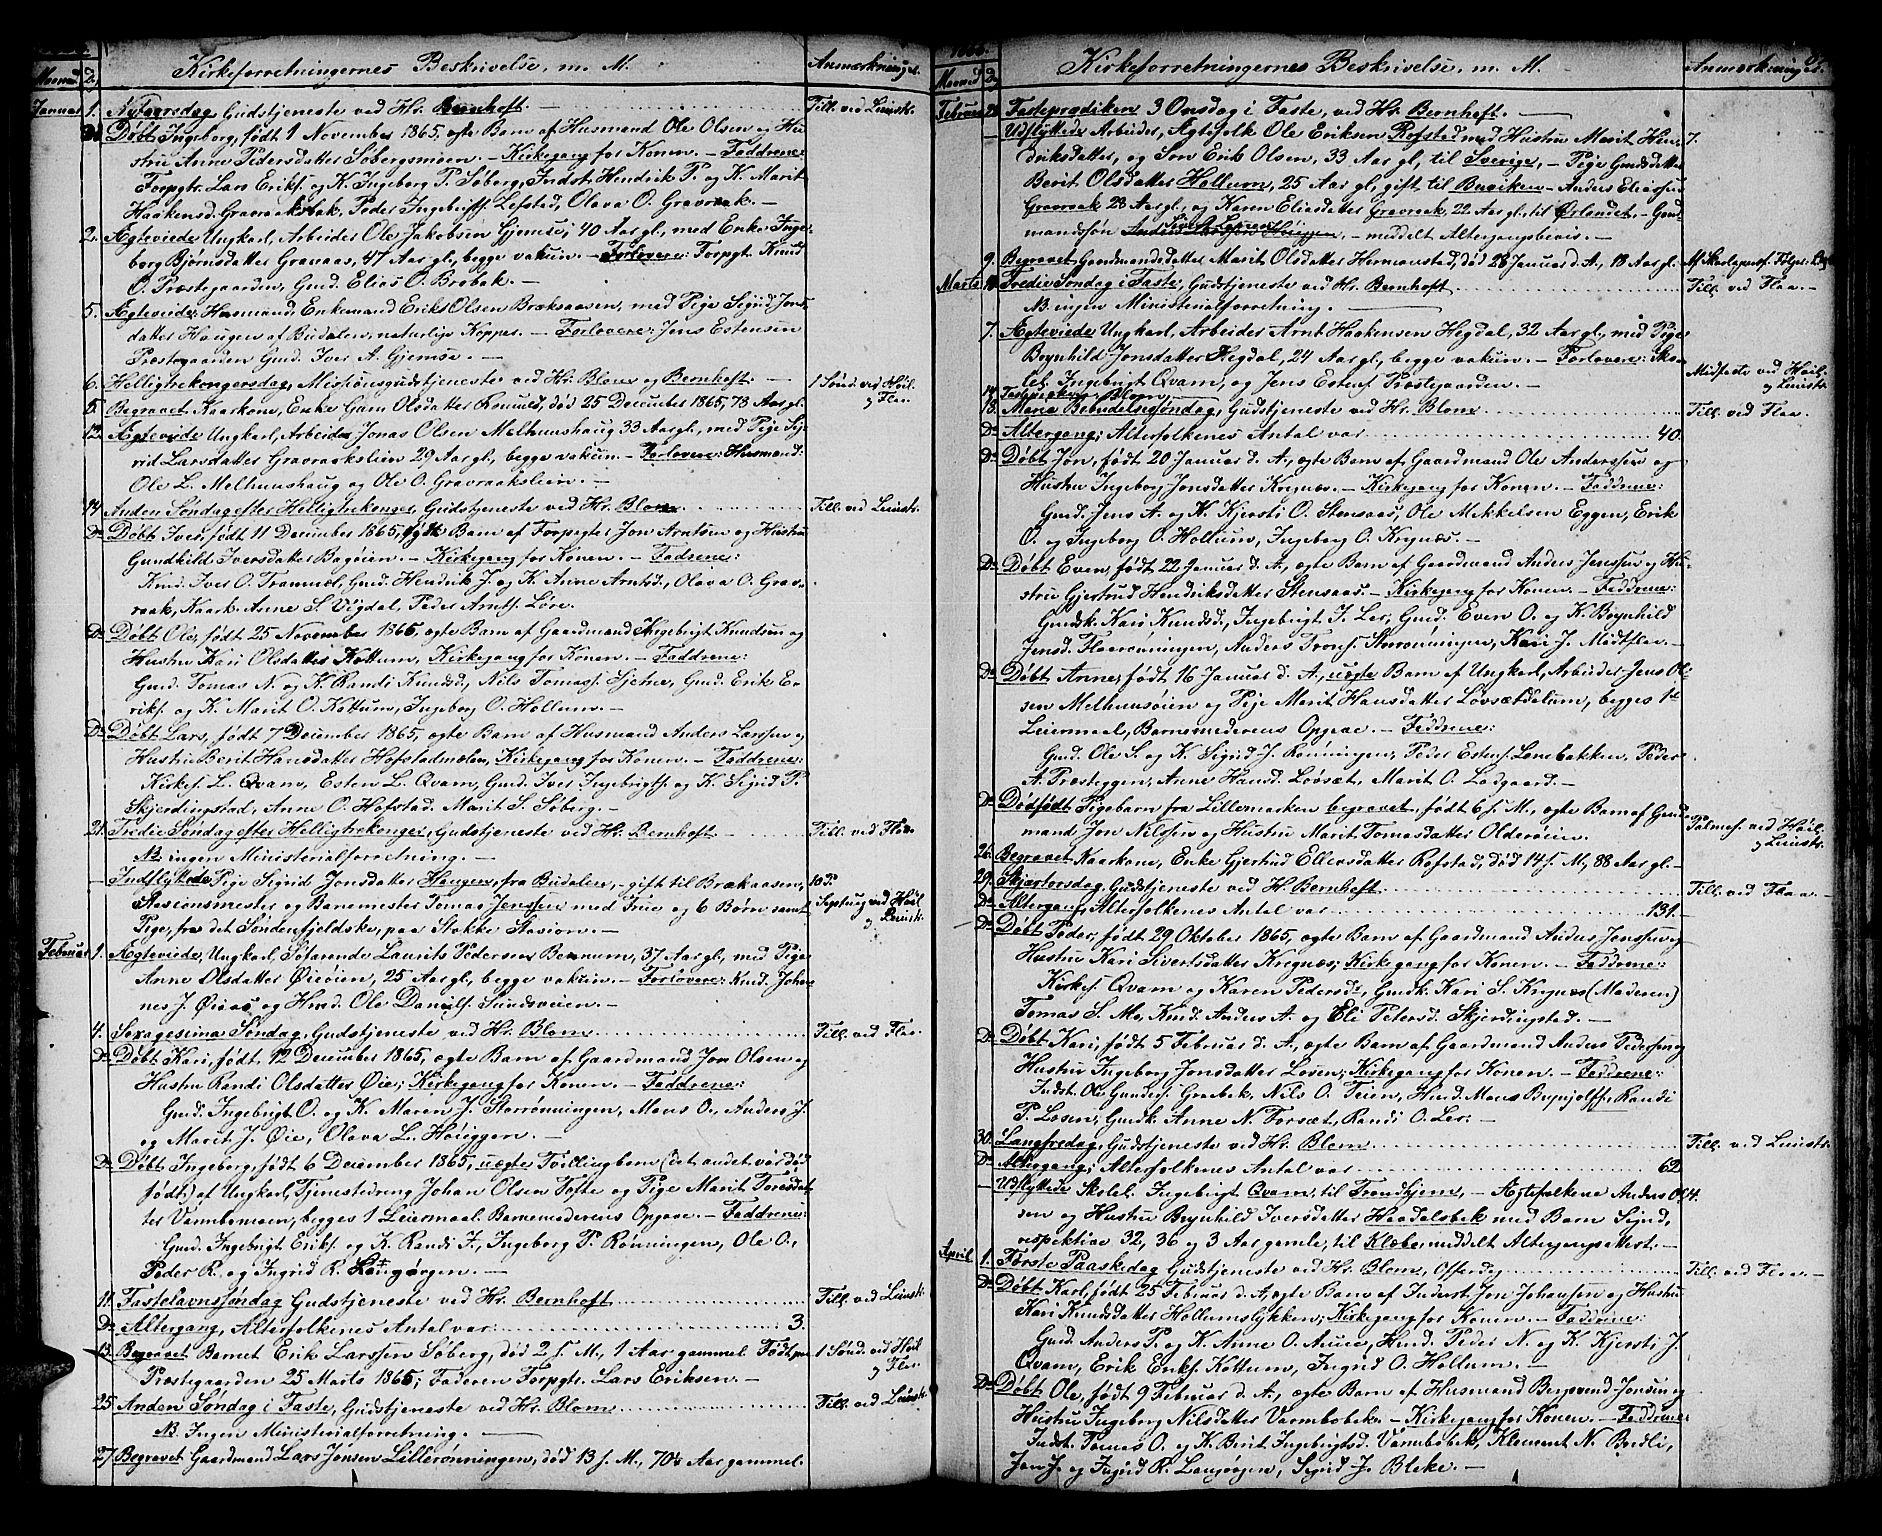 SAT, Ministerialprotokoller, klokkerbøker og fødselsregistre - Sør-Trøndelag, 691/L1093: Klokkerbok nr. 691C04, 1852-1879, s. 84